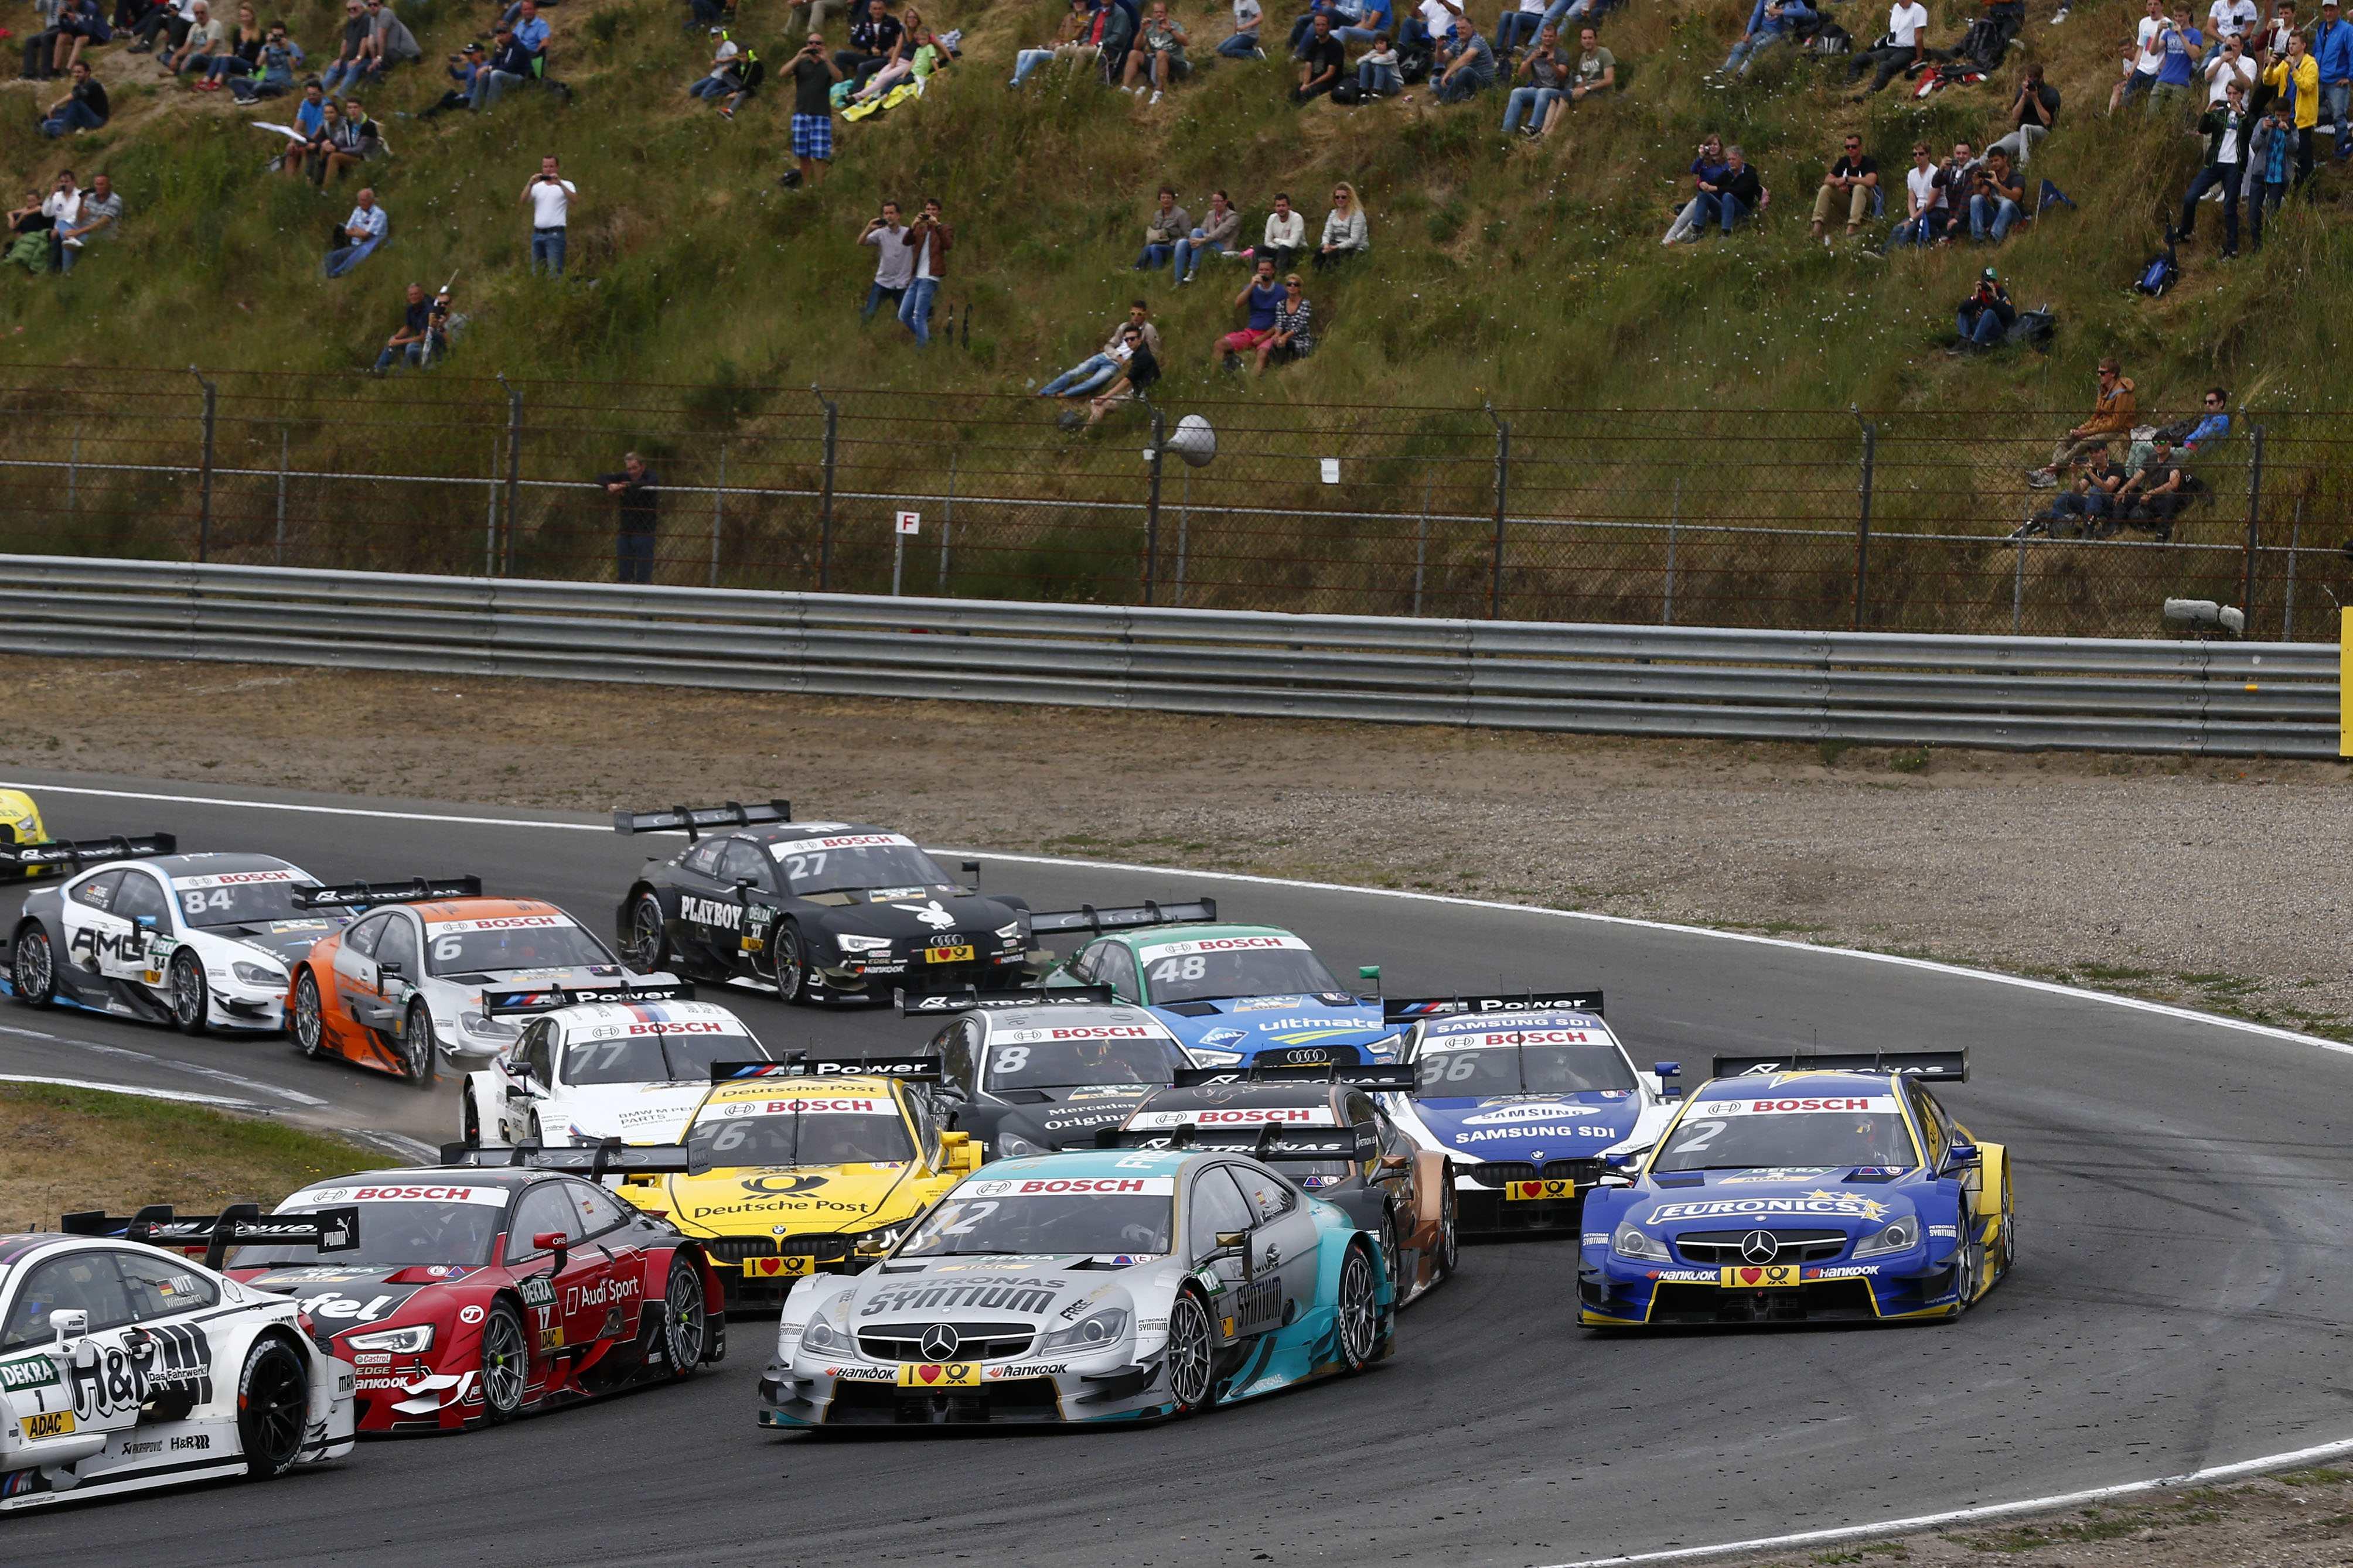 15 t/m 17 juli op Circuit Park Zandvoort: 'halbzeit' in de DTM